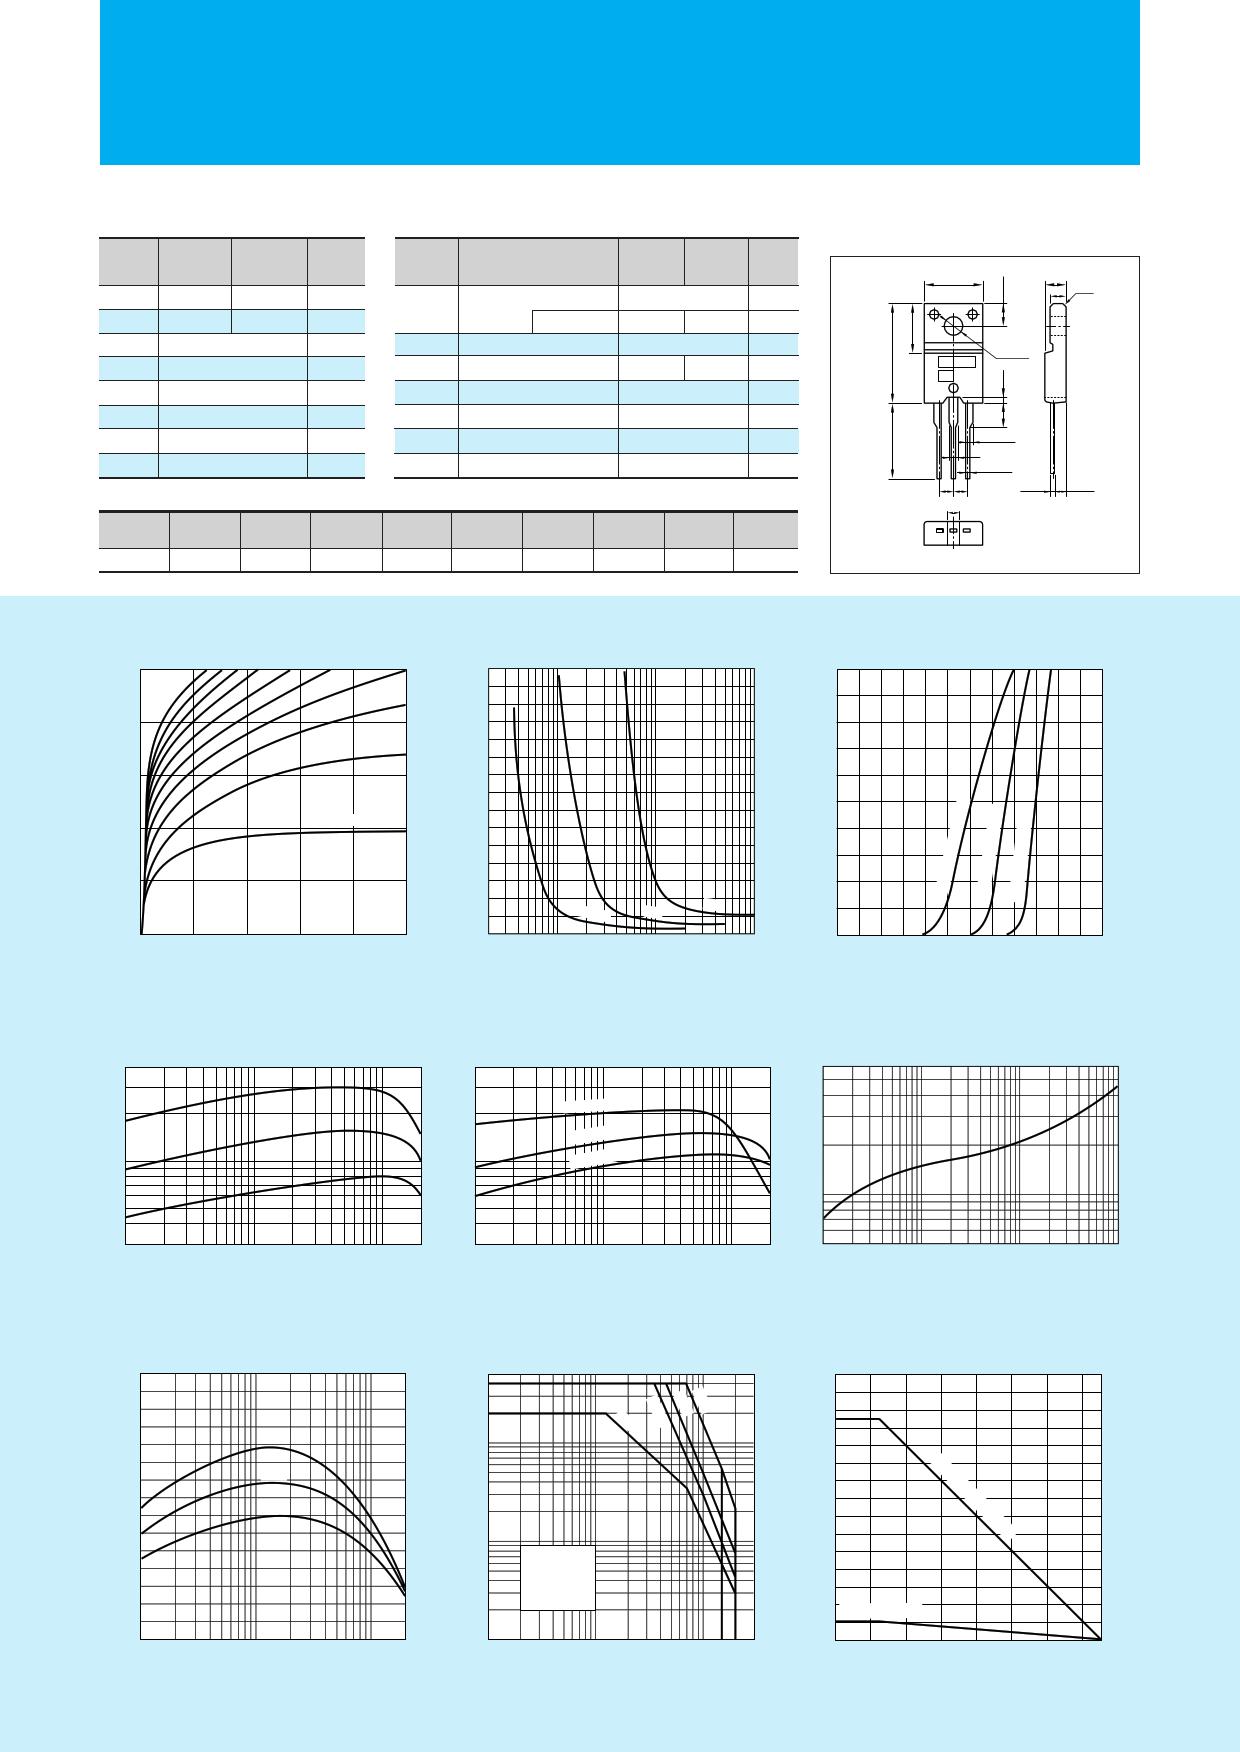 C4381 datasheet pdf image